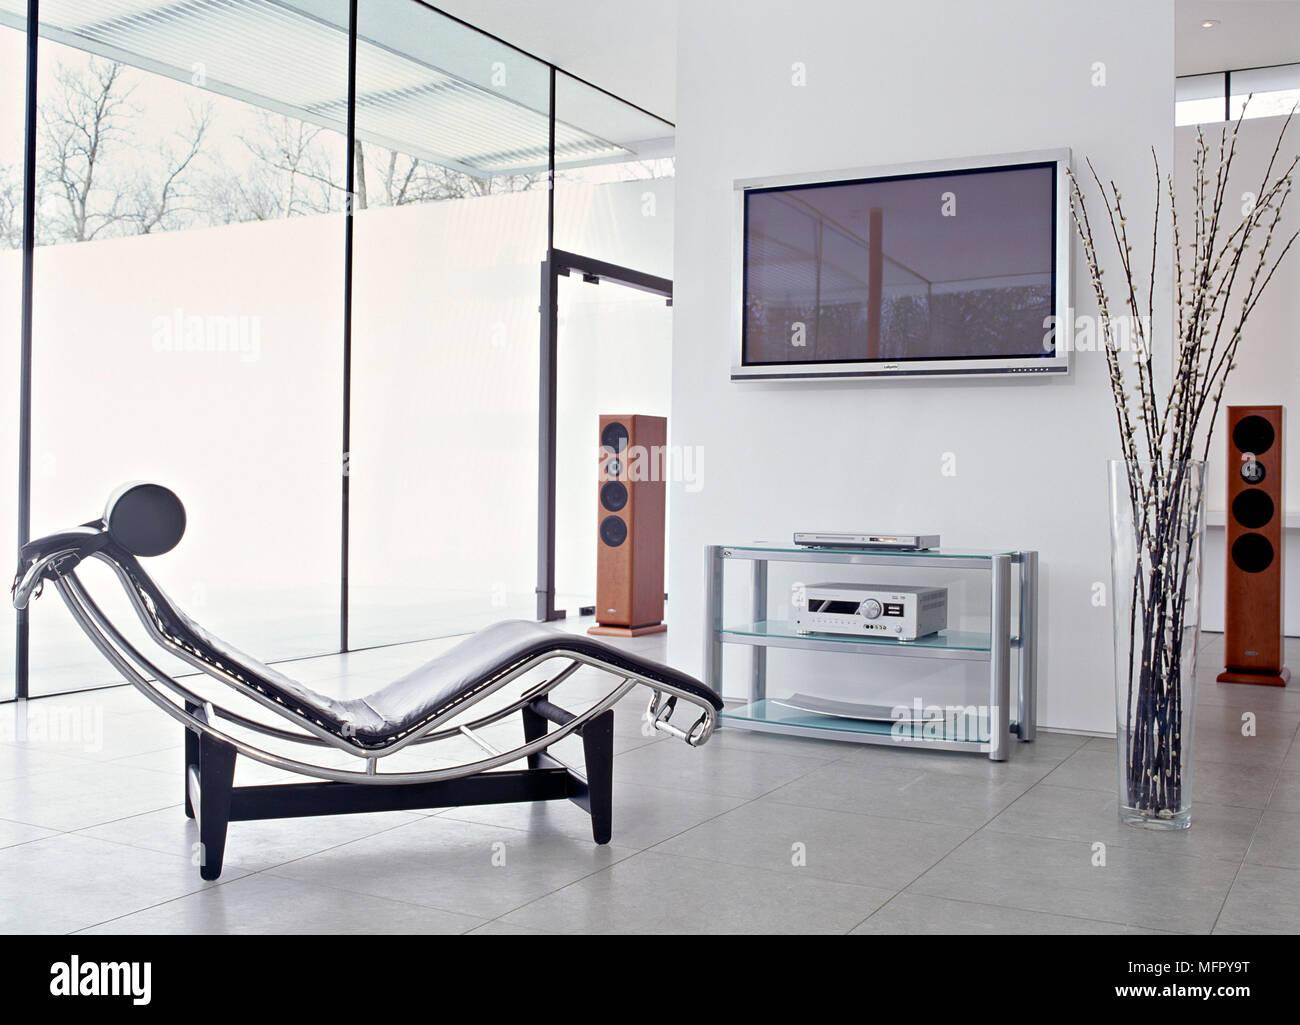 Salotto Le Corbusier.Le Corbusier Poltrona Reclinabile In Centrale Sul Moderno